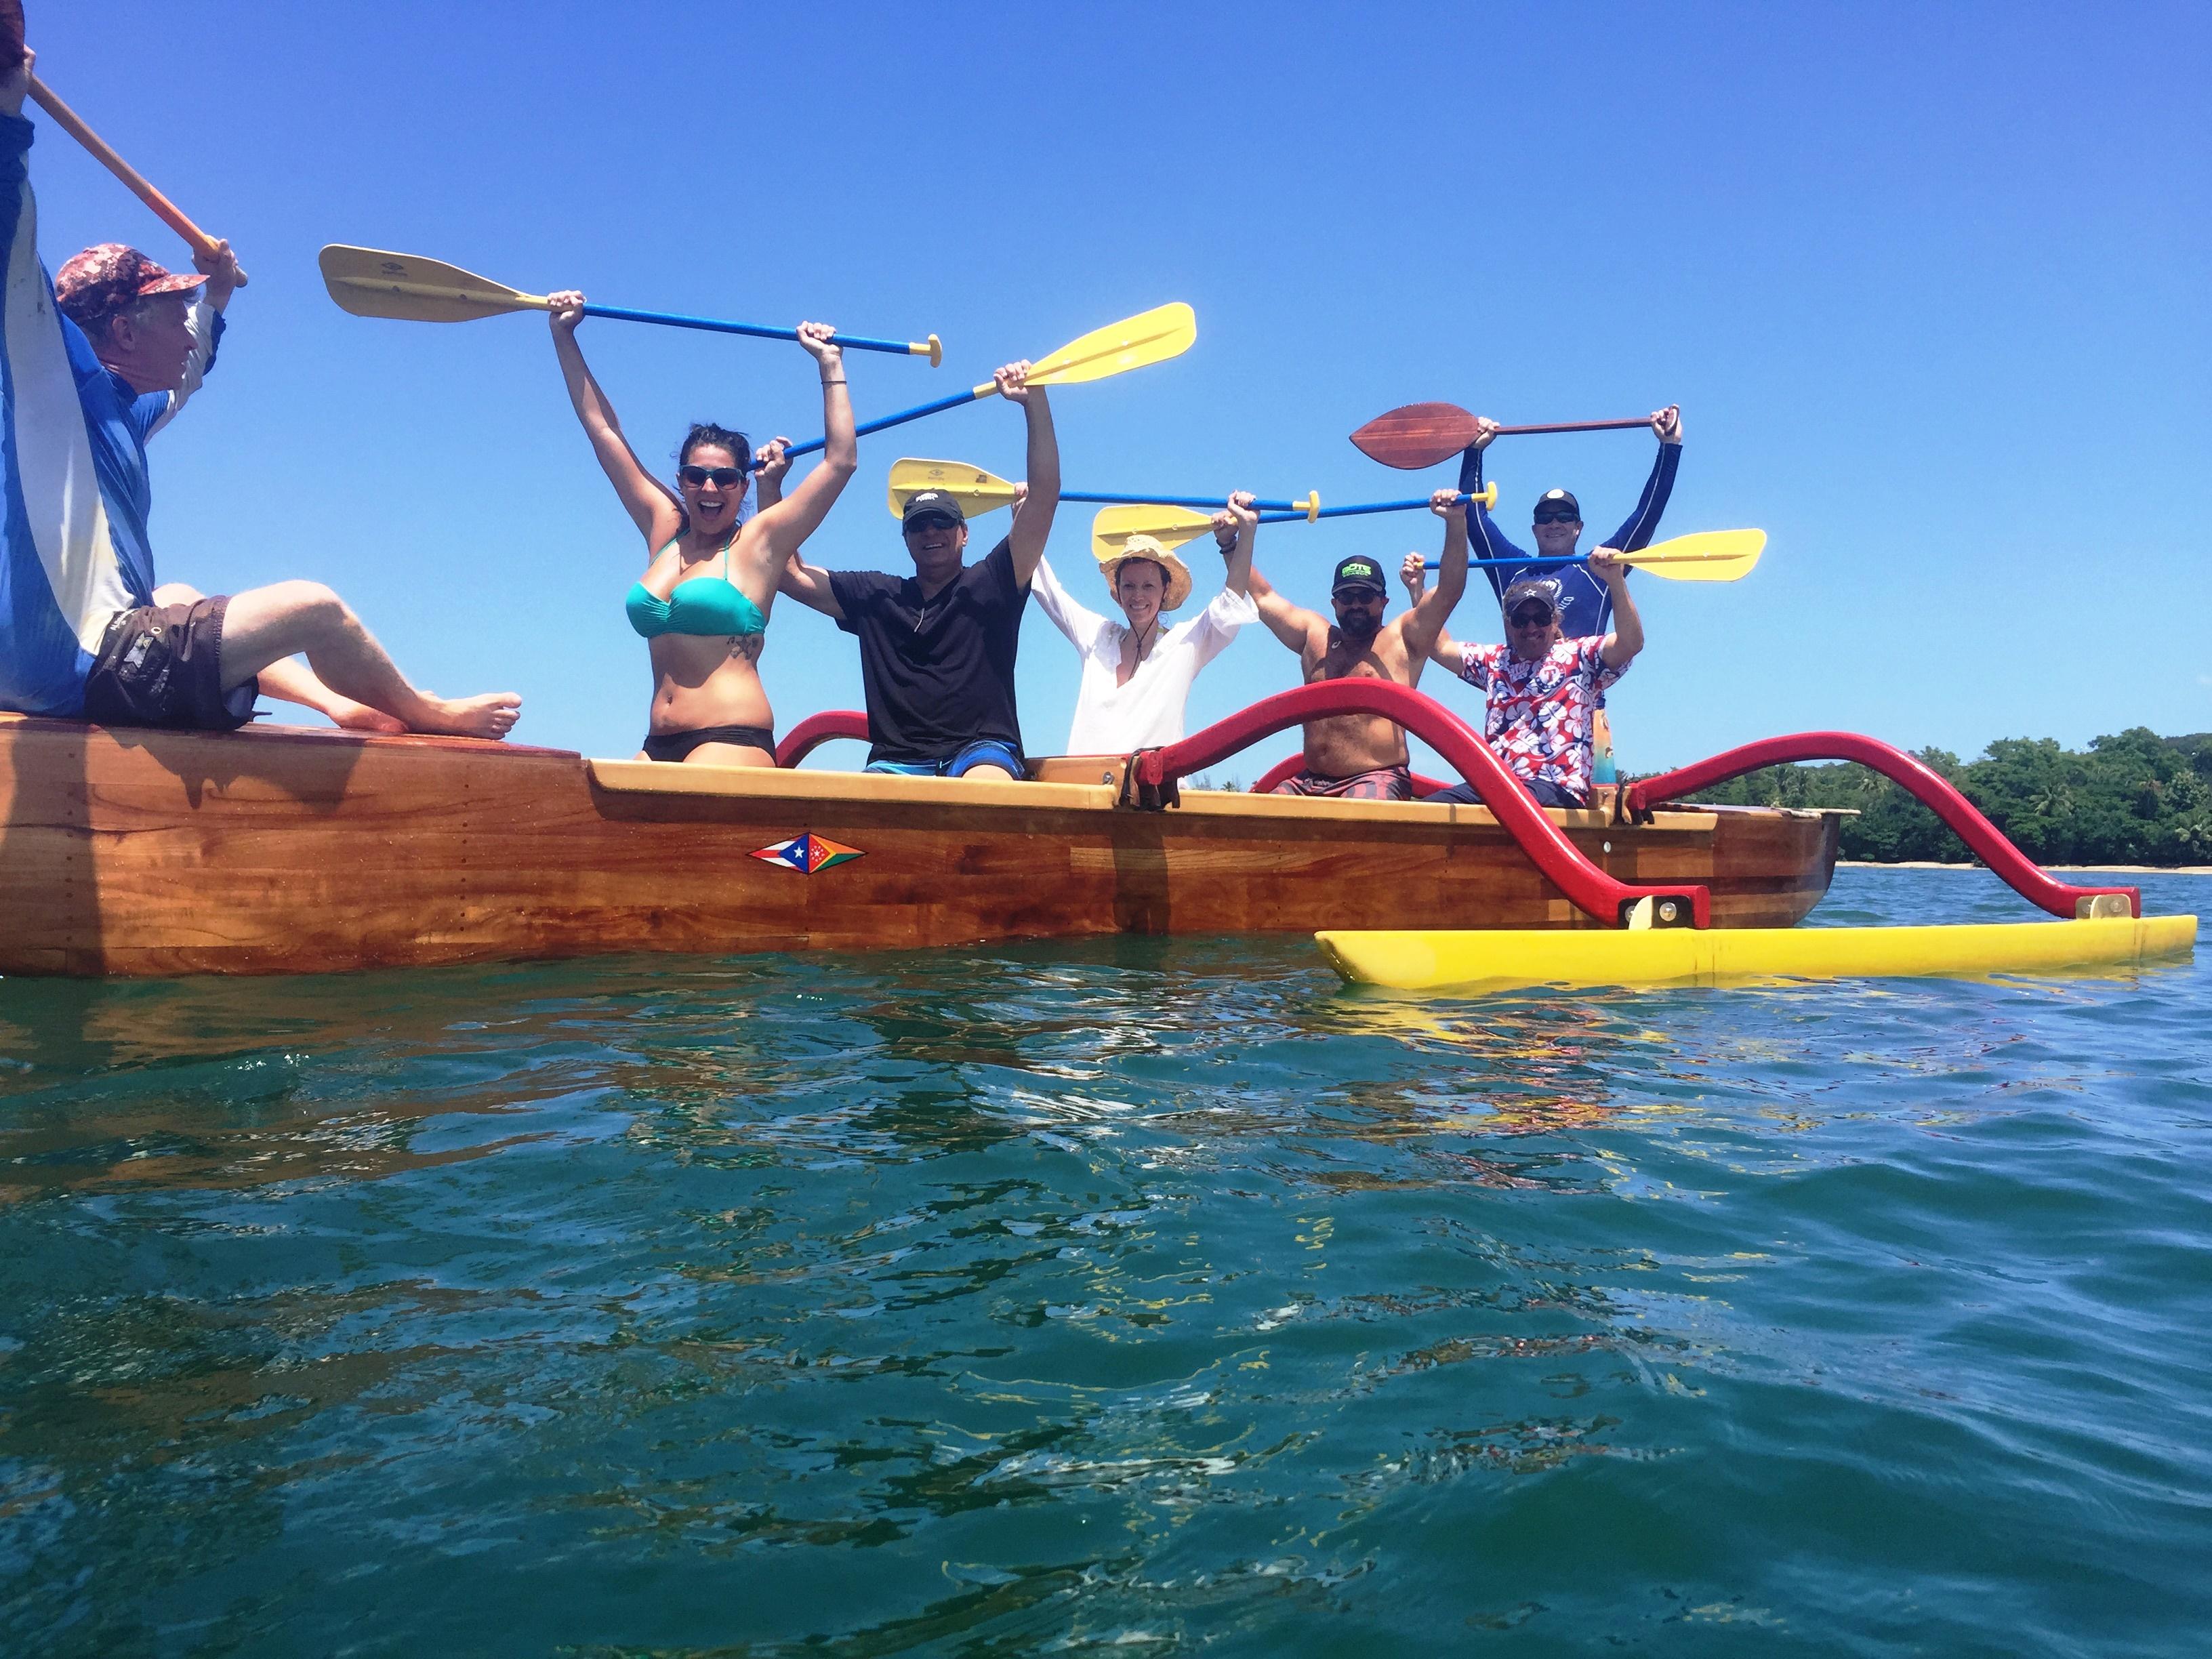 www.rinconsailing.com outrigger canoe tours 2